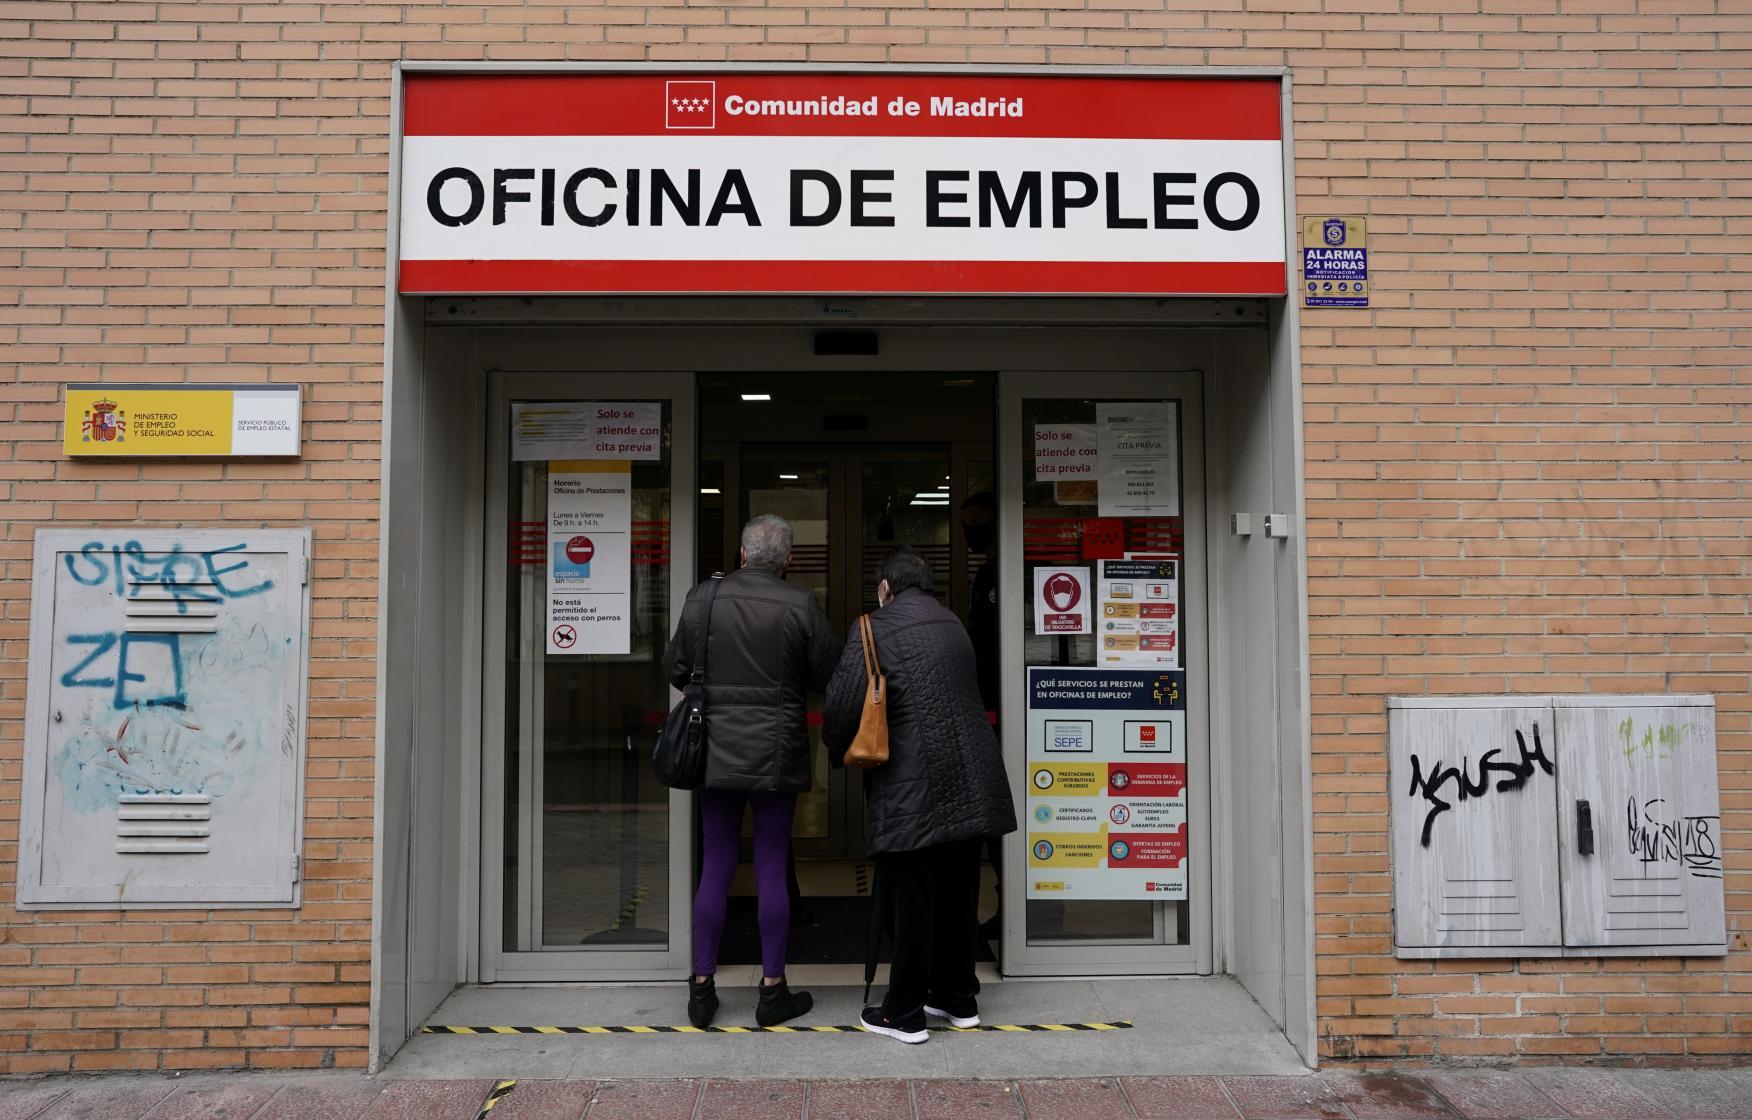 ¿Requisitos para solicitar el subsidio por desempleo?